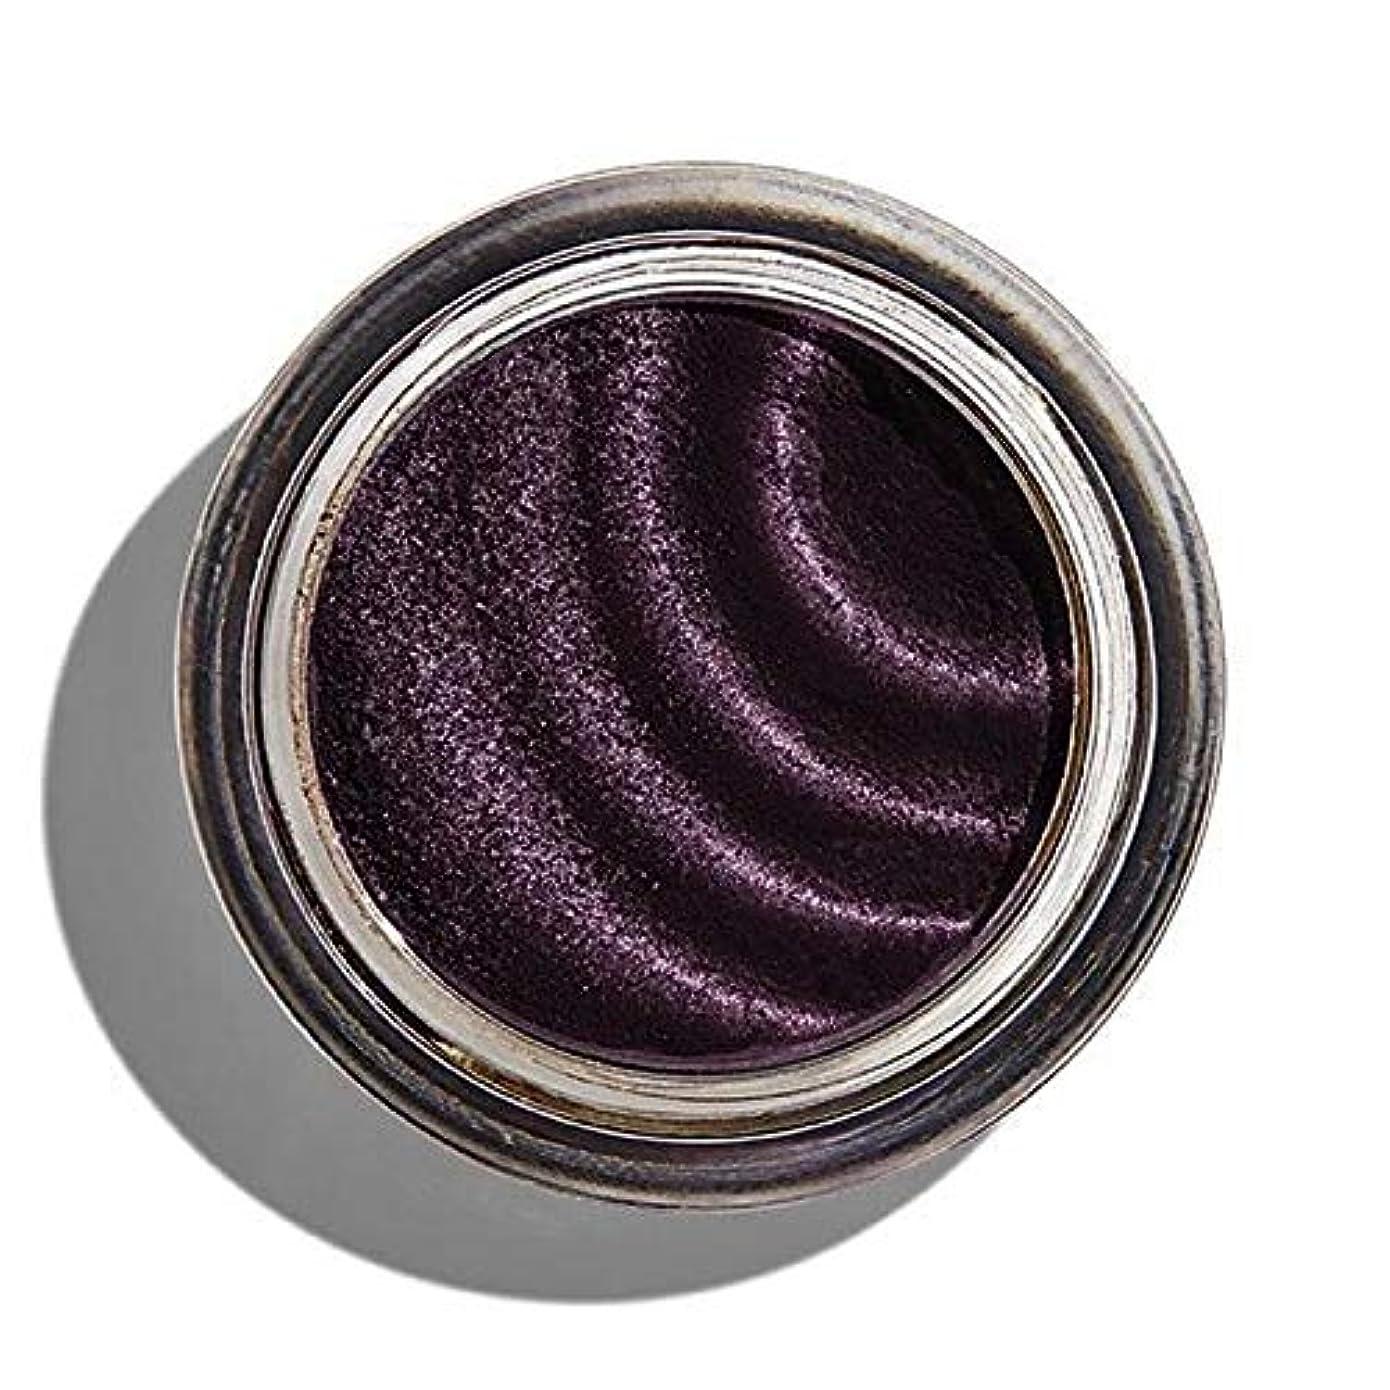 ロンドンフォーカス遺棄された[Revolution ] 化粧革命磁化のアイシャドウブラウン - Makeup Revolution Magnetize Eyeshadow Brown [並行輸入品]